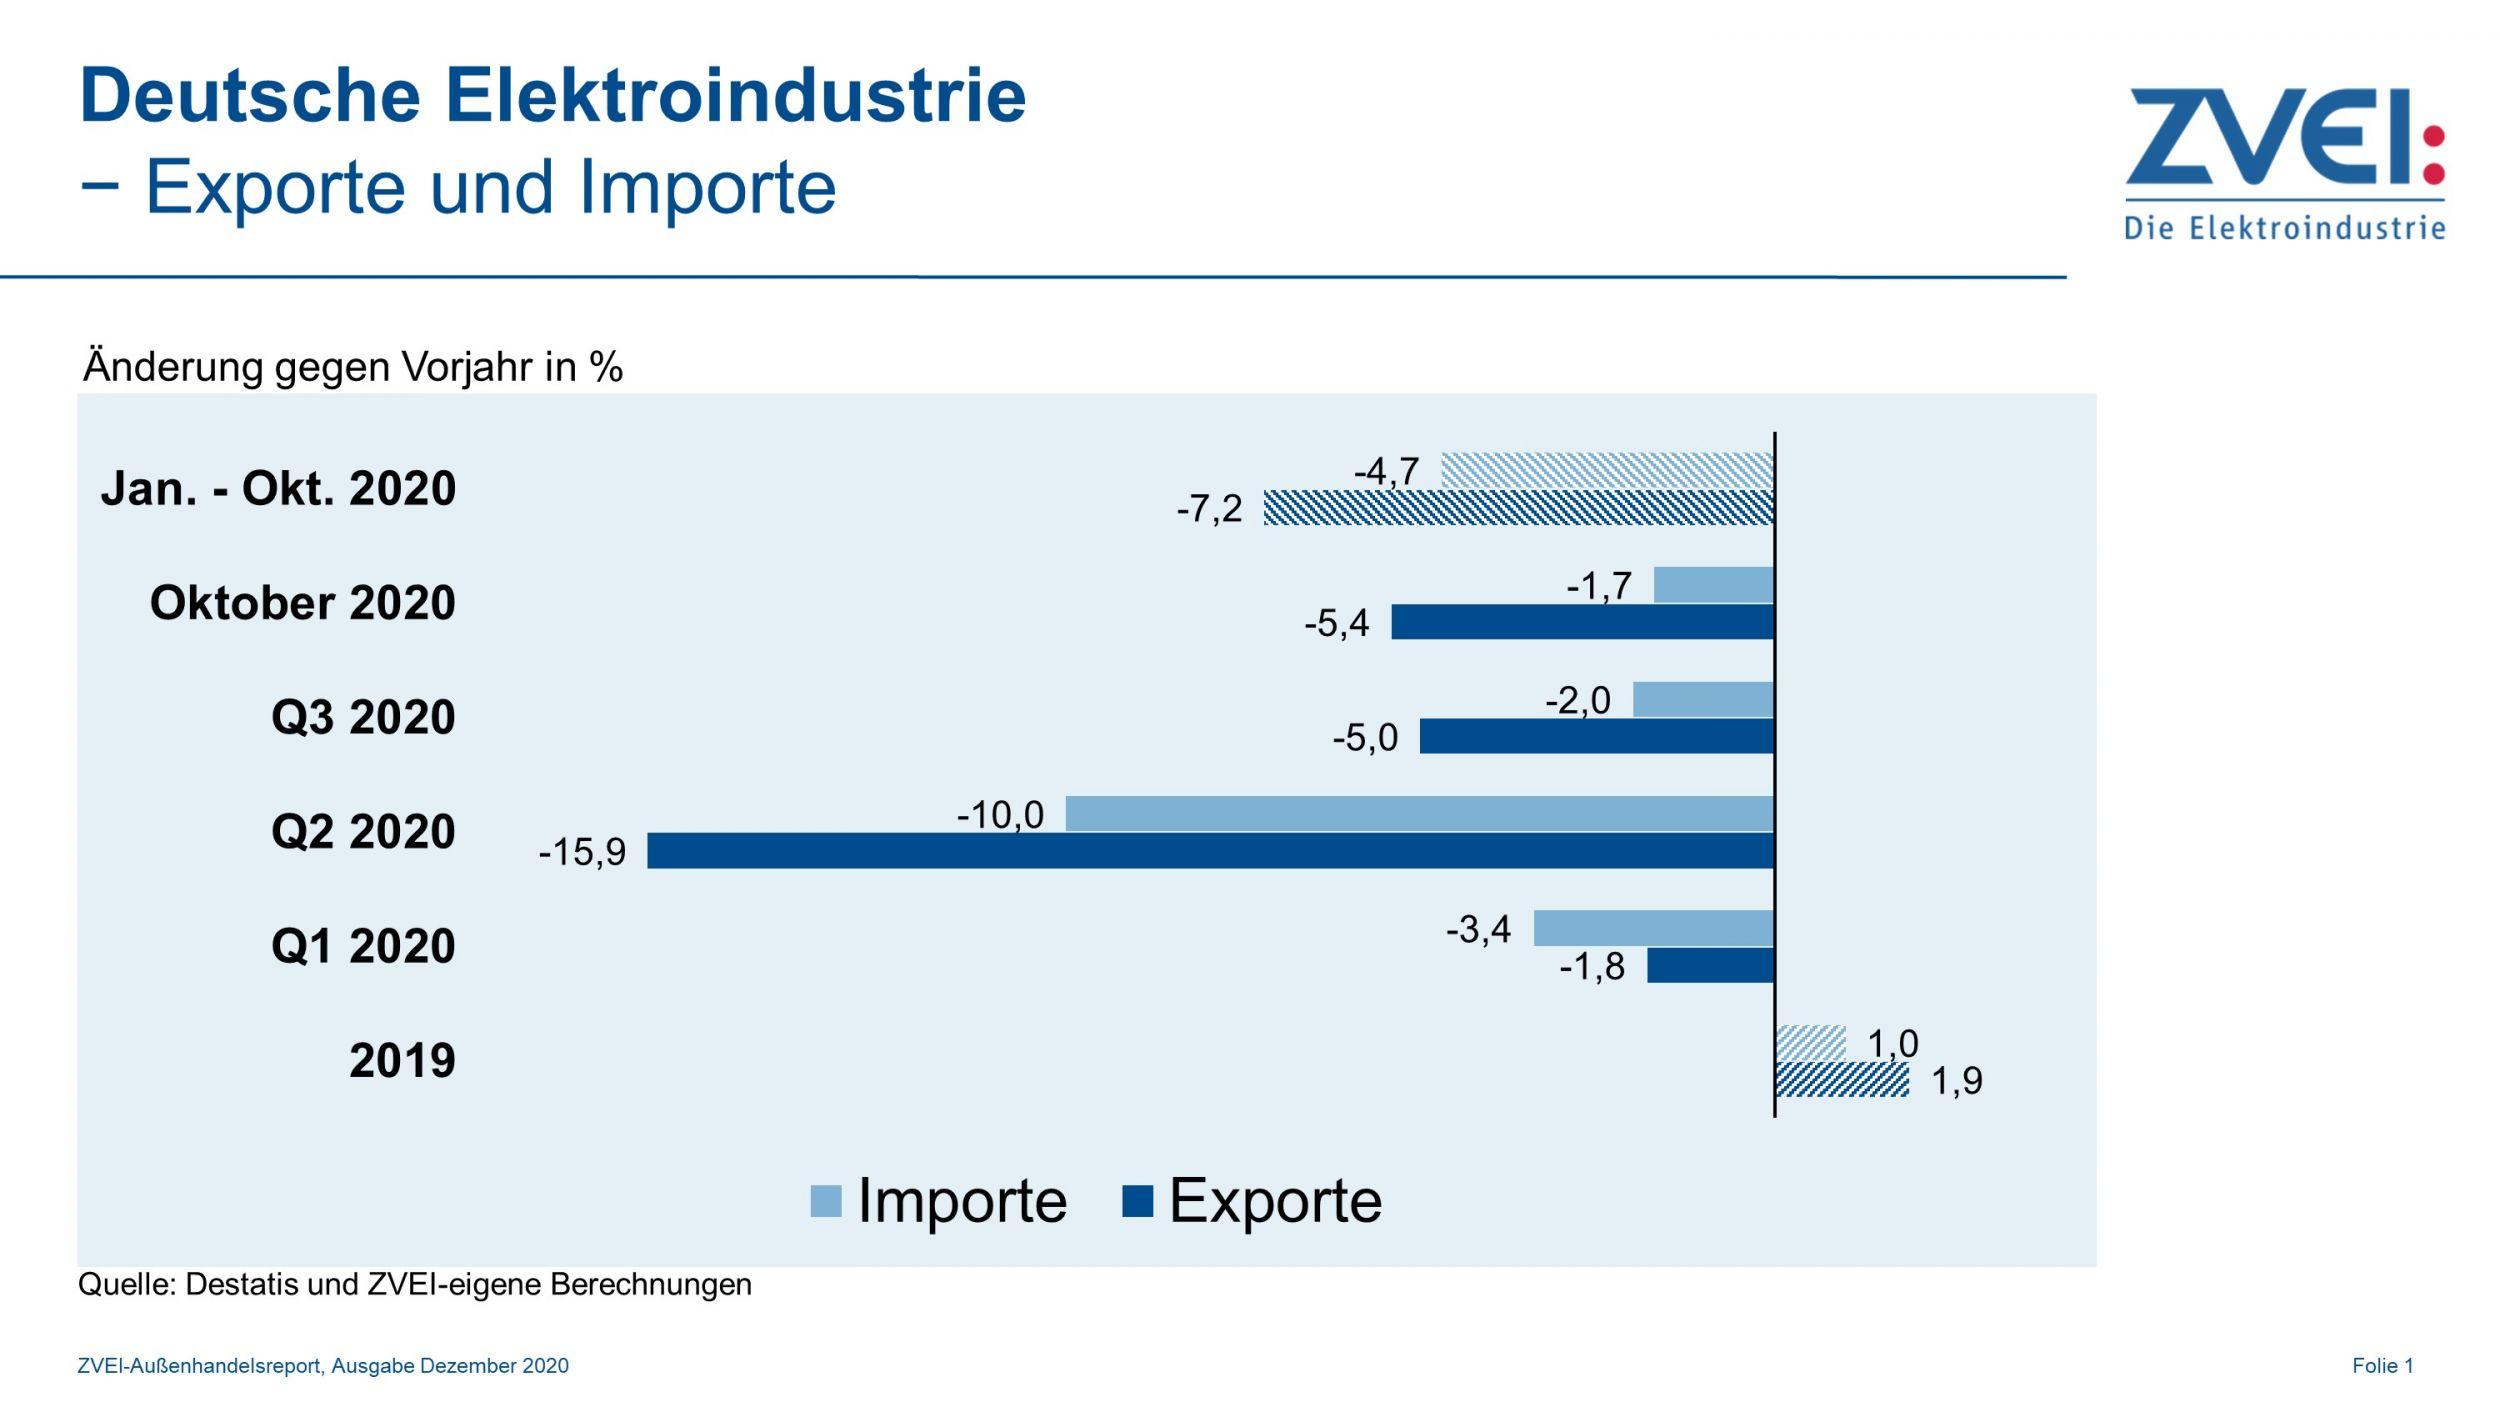 Elektroindustrie: Exporte und Importe im Oktober 2020